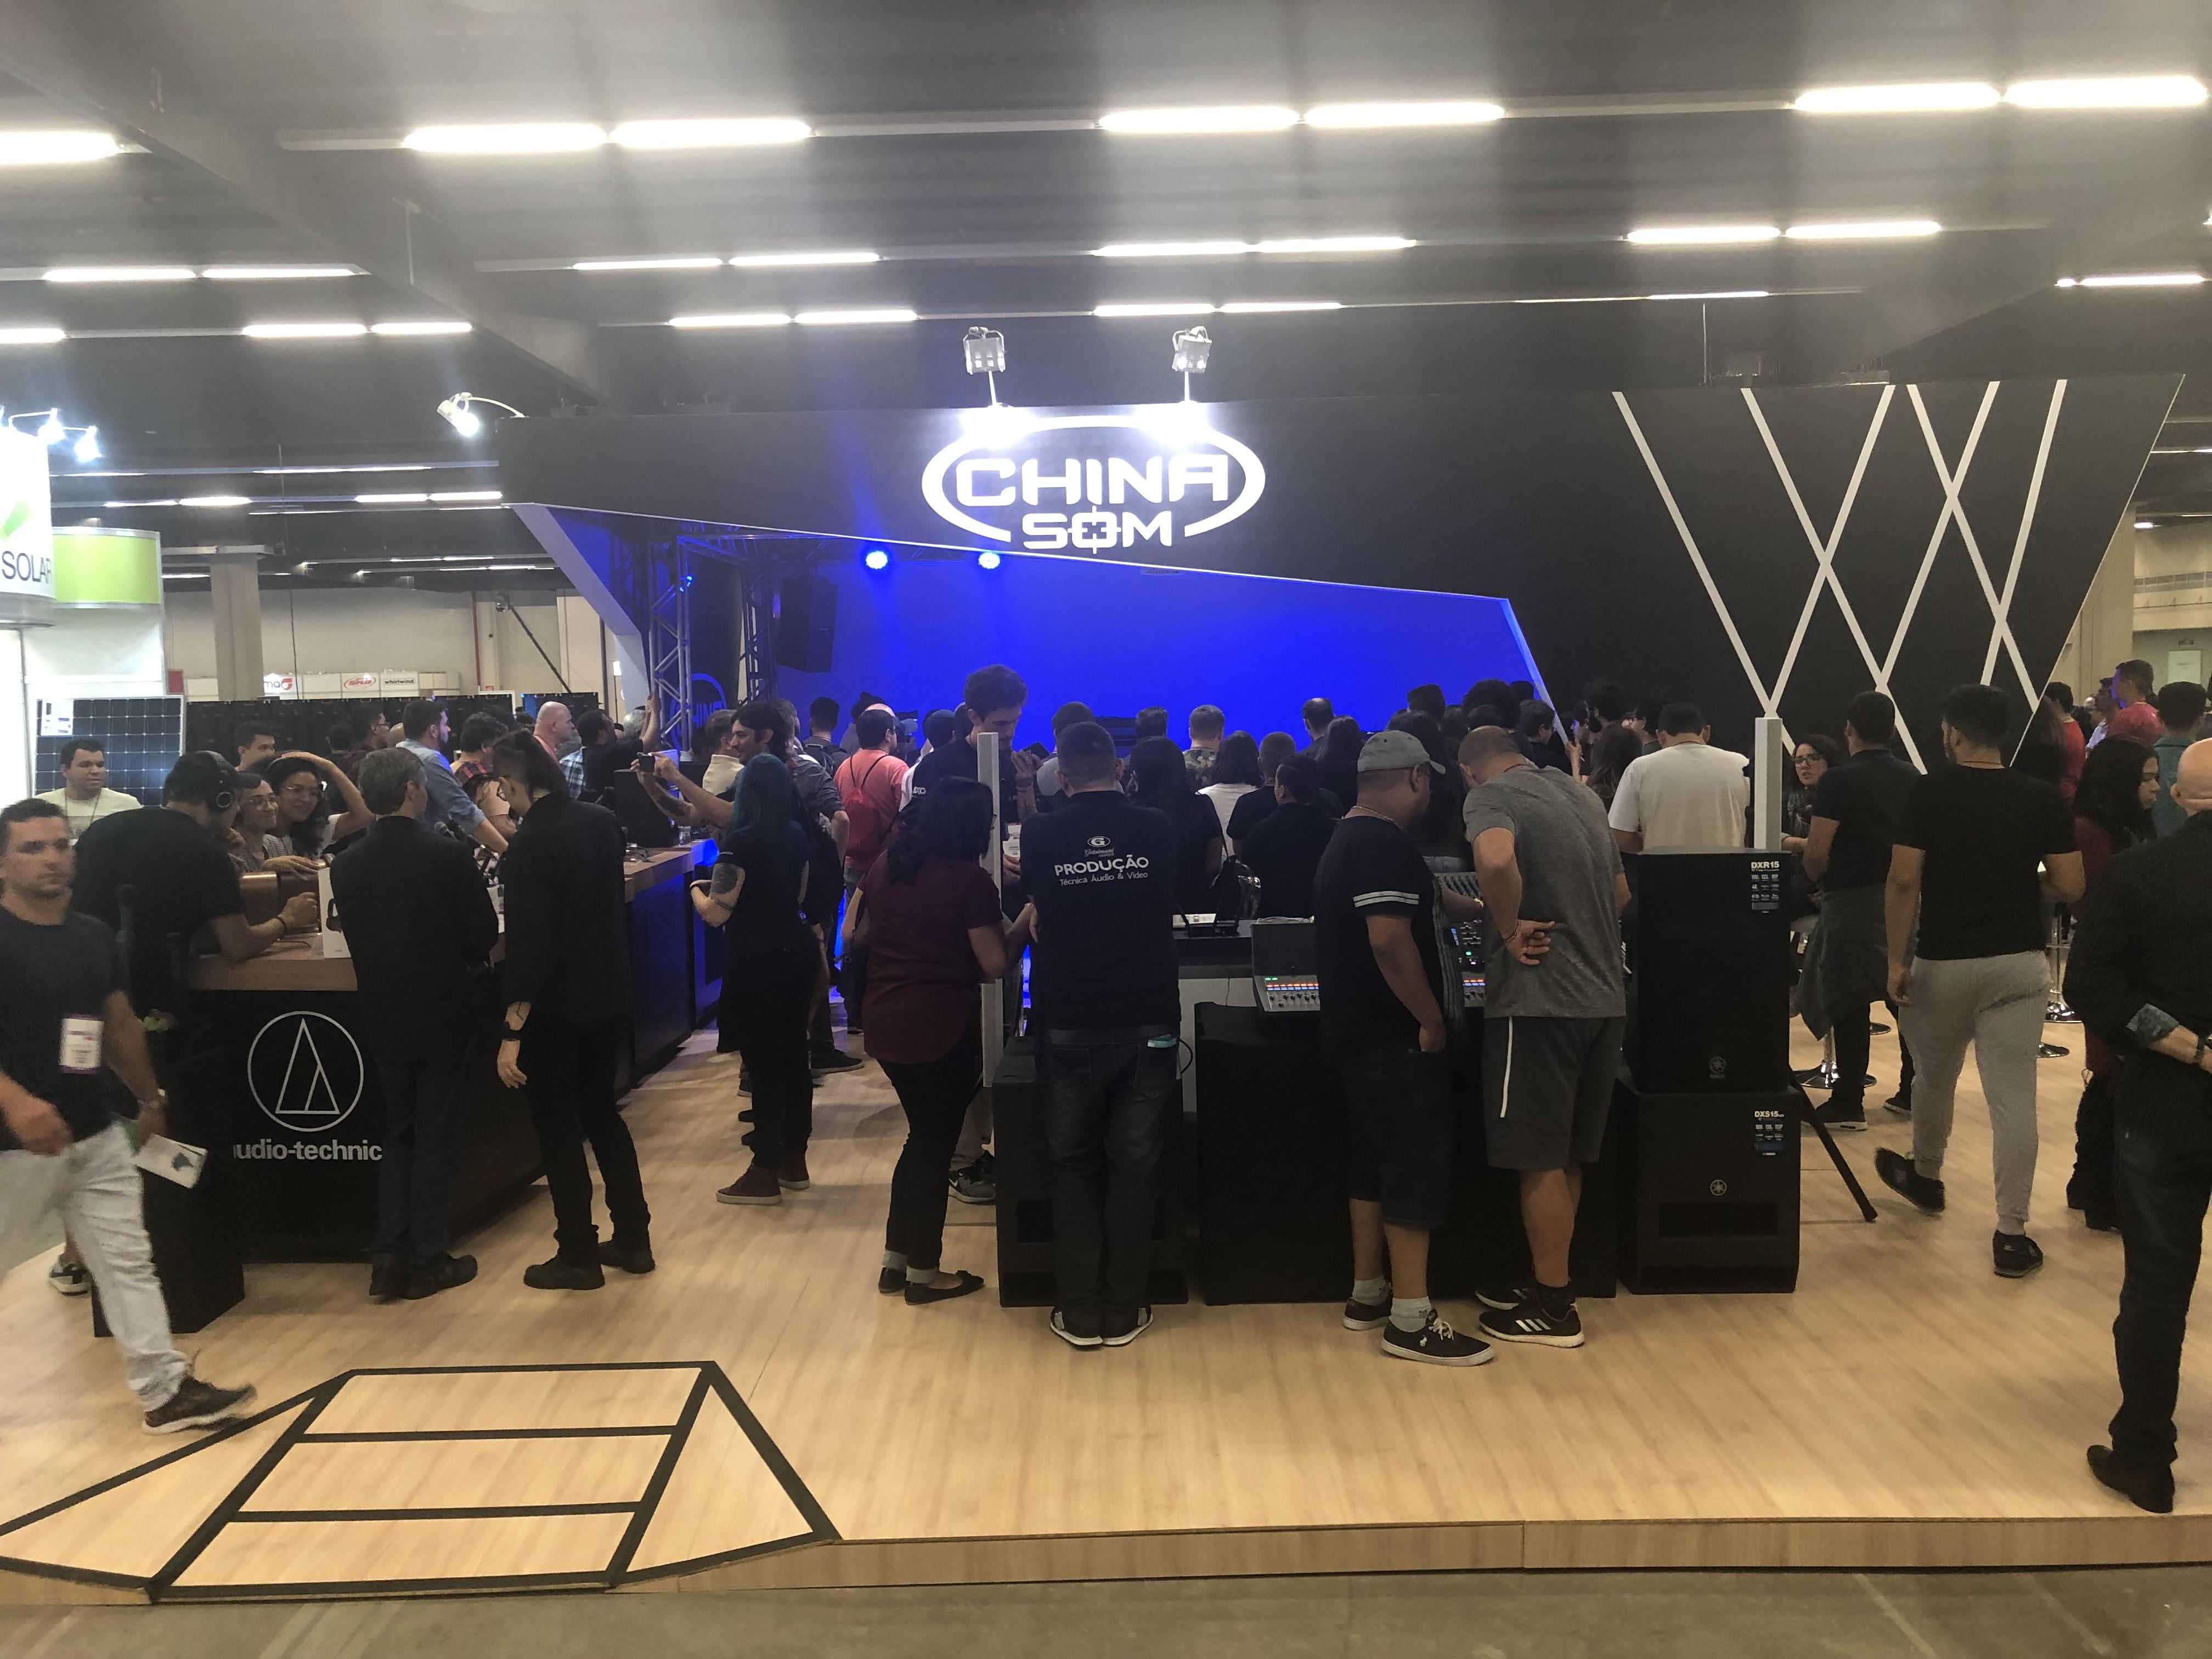 Church Tech Expo 2019 encerra a 5a edição com bons resultados